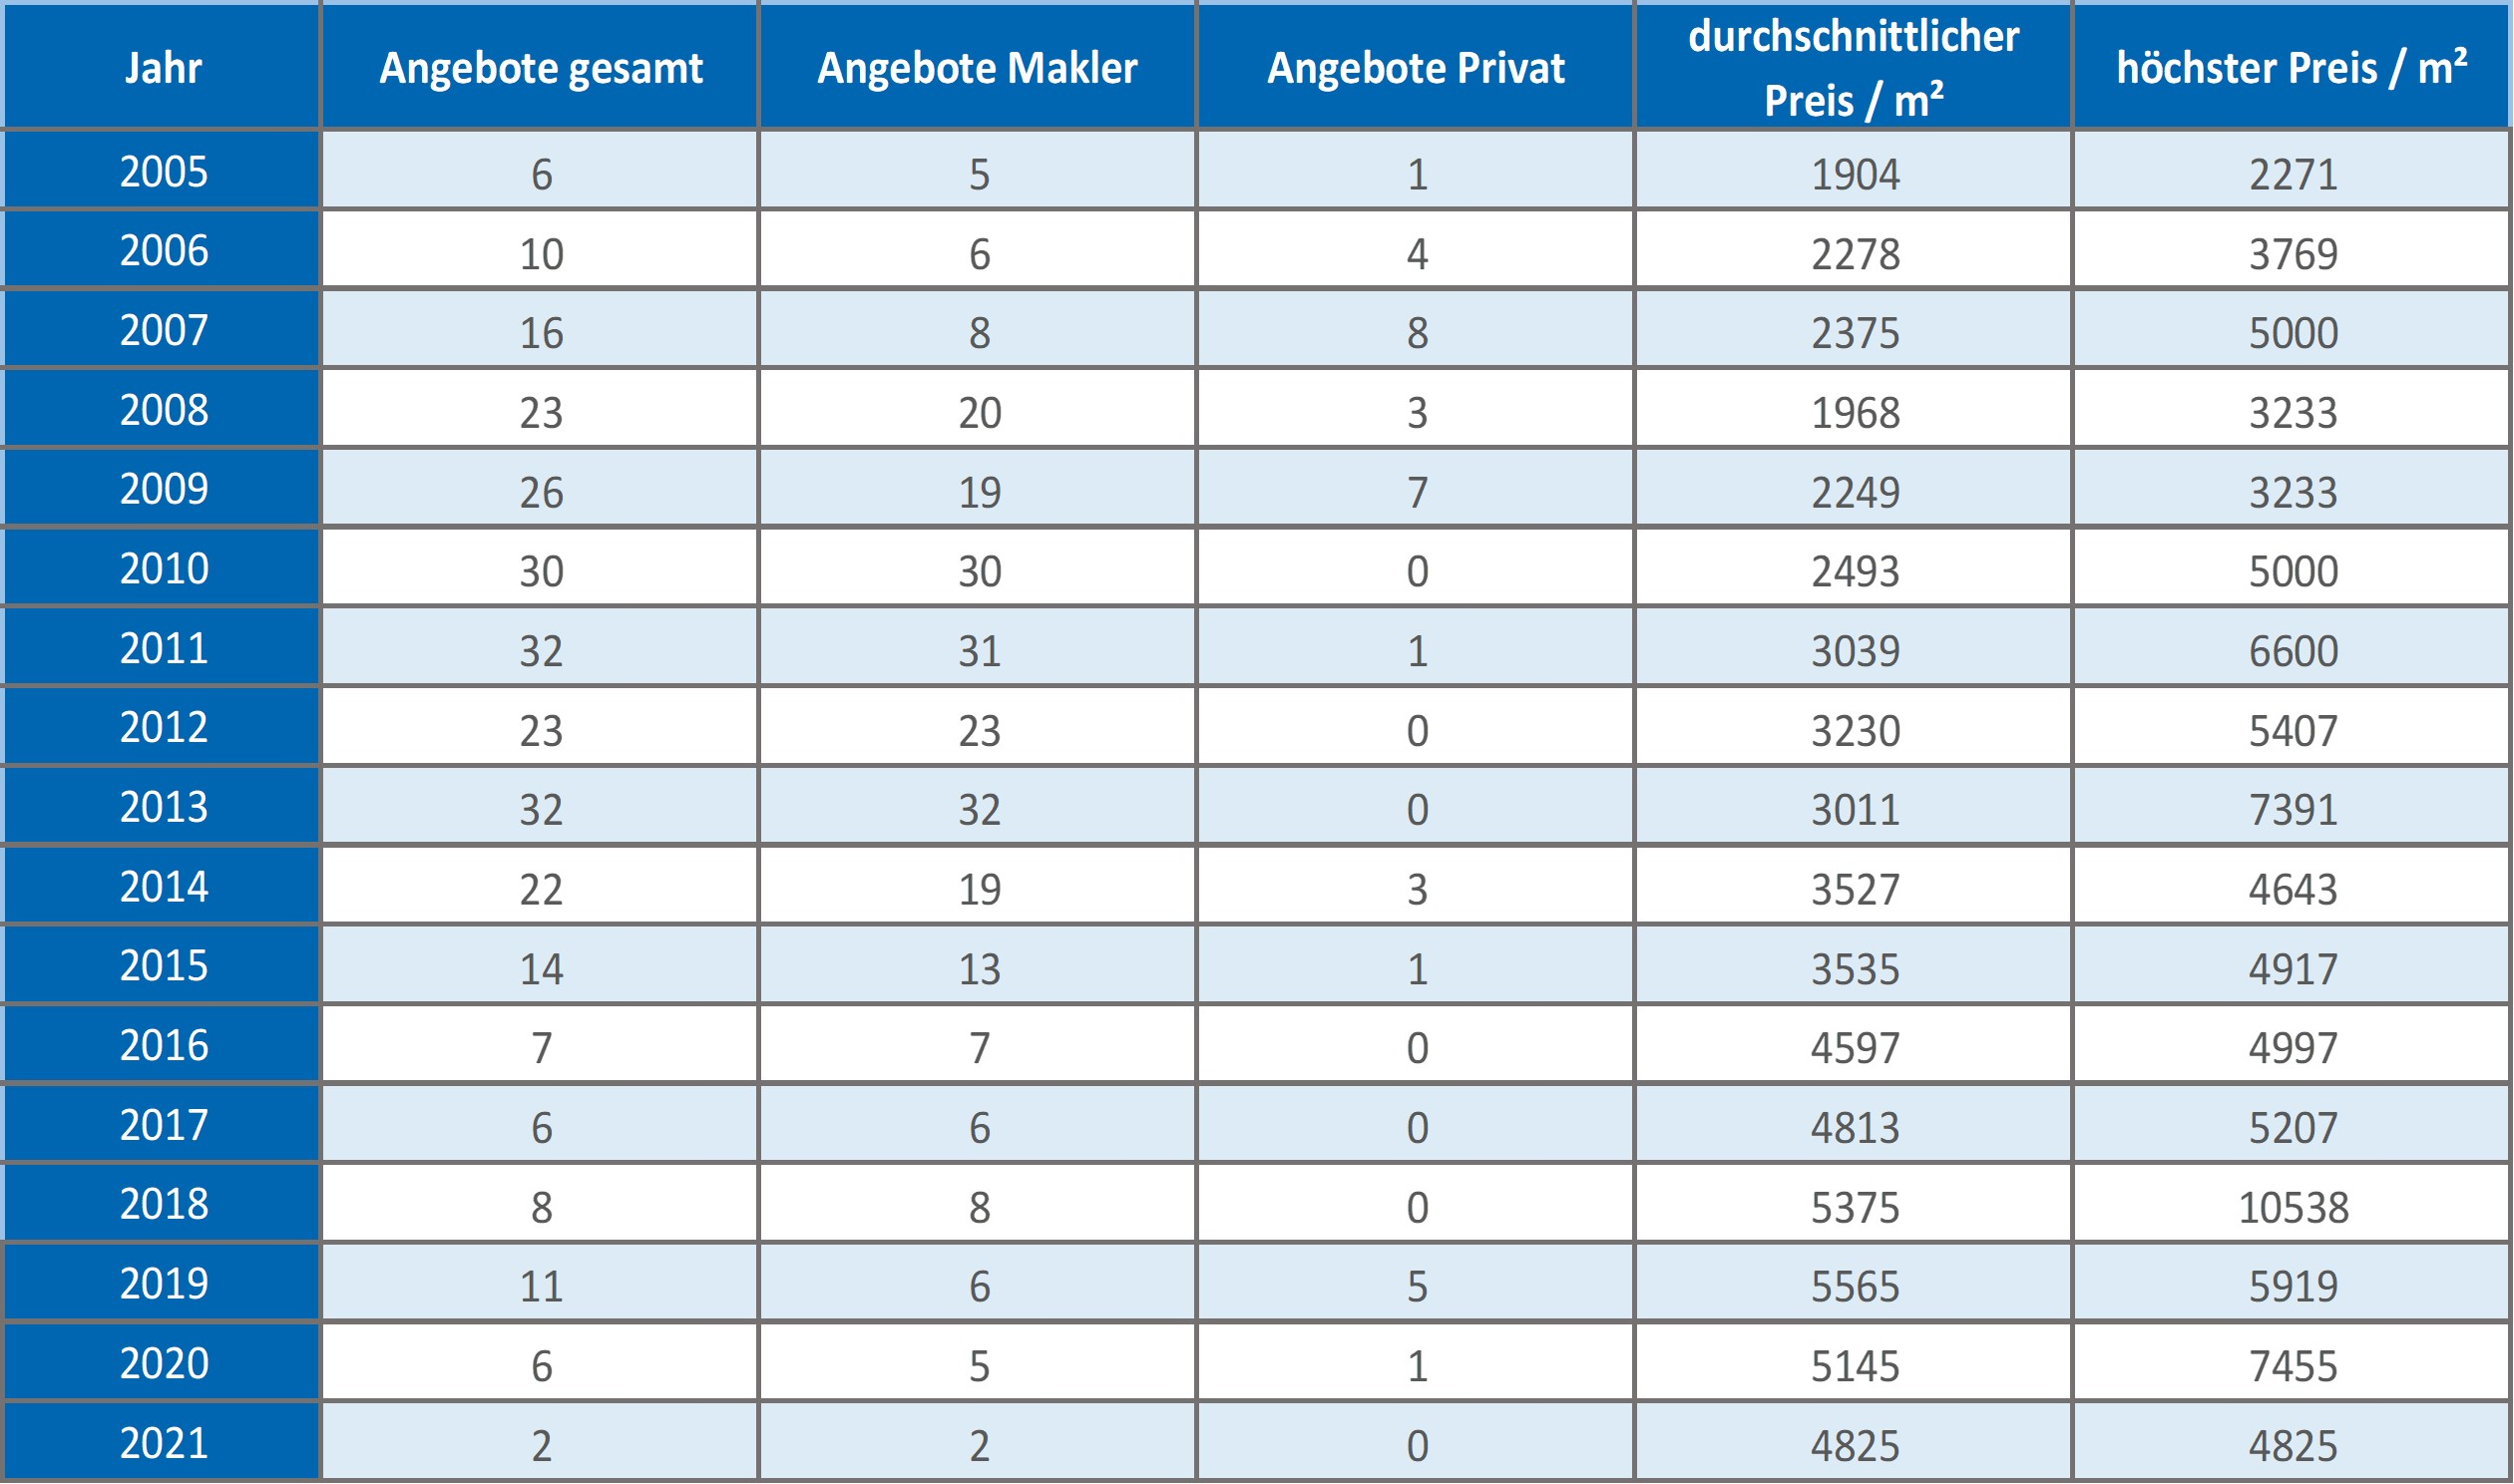 Bayrischzell-Haus-kaufen-verkaufen-Makler 2019, 2020, 2021